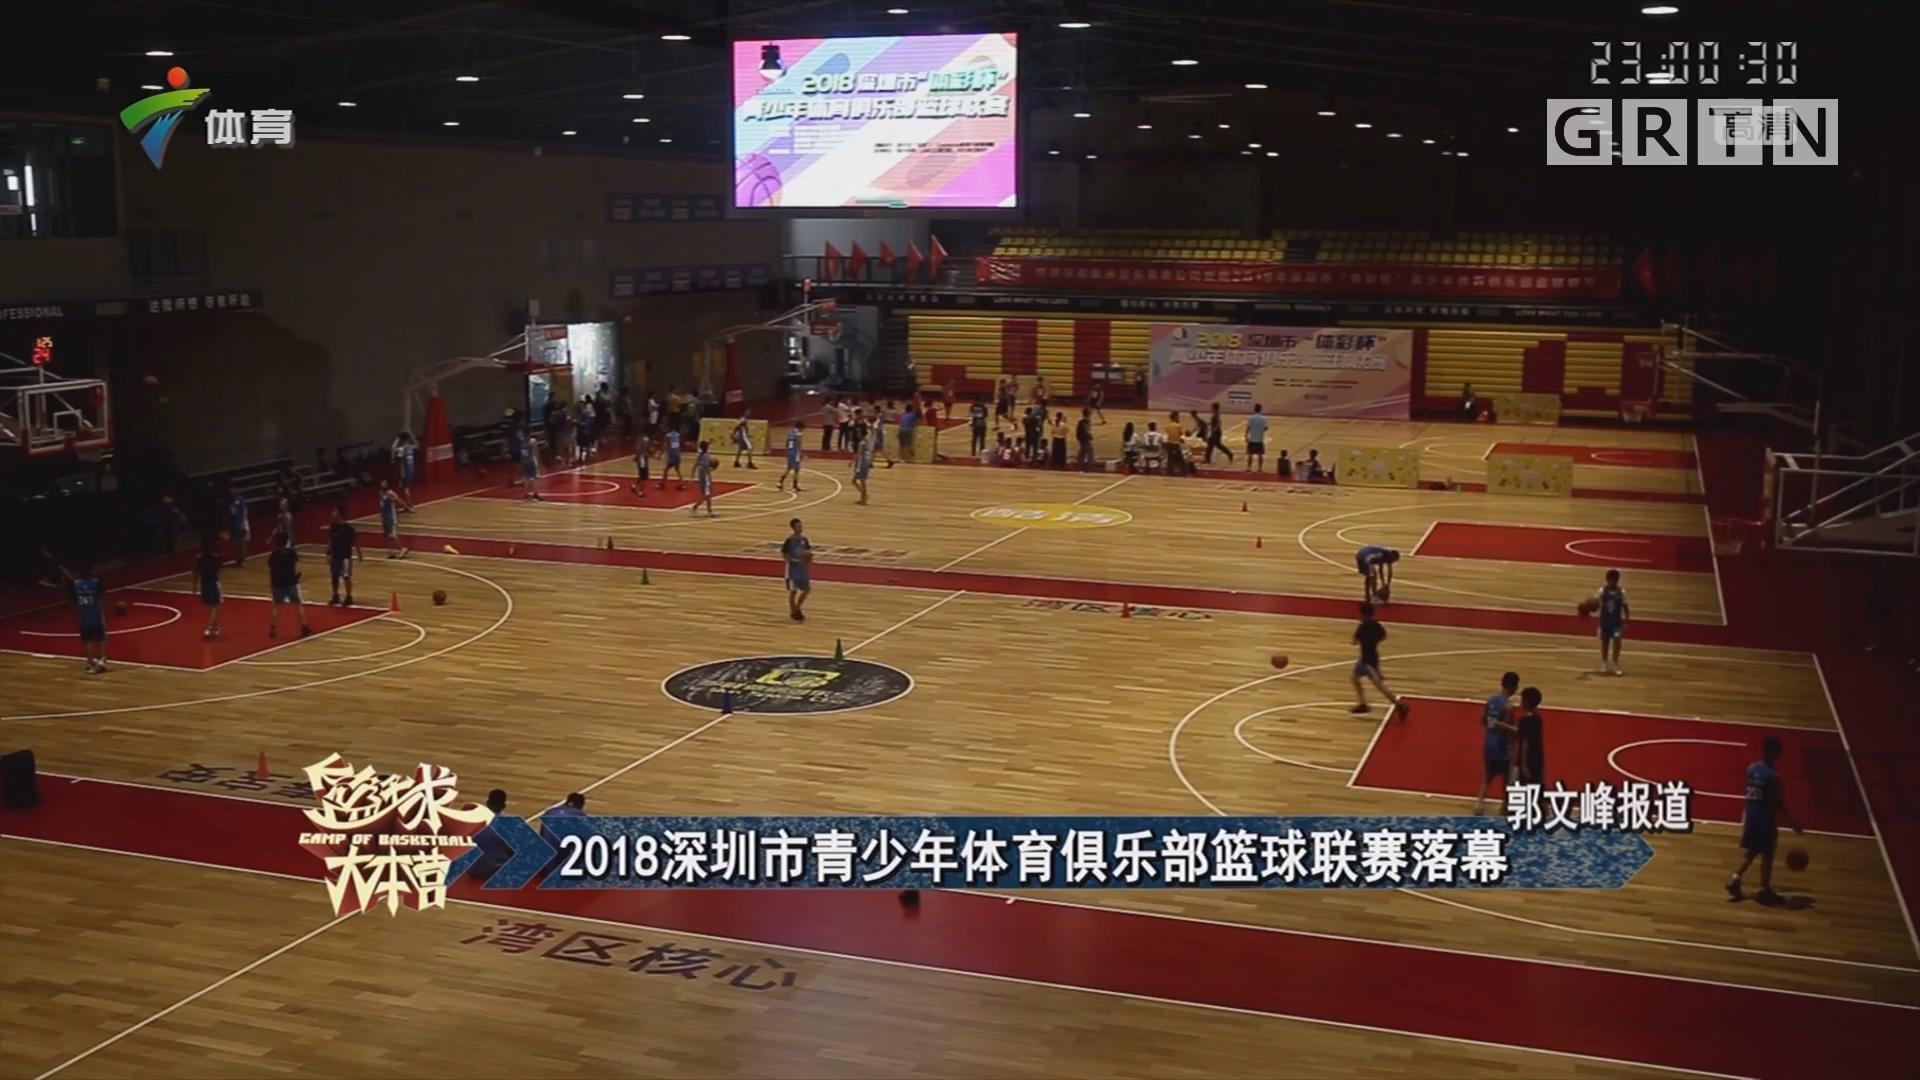 2018深圳市青少年体育俱乐部篮球联赛落幕